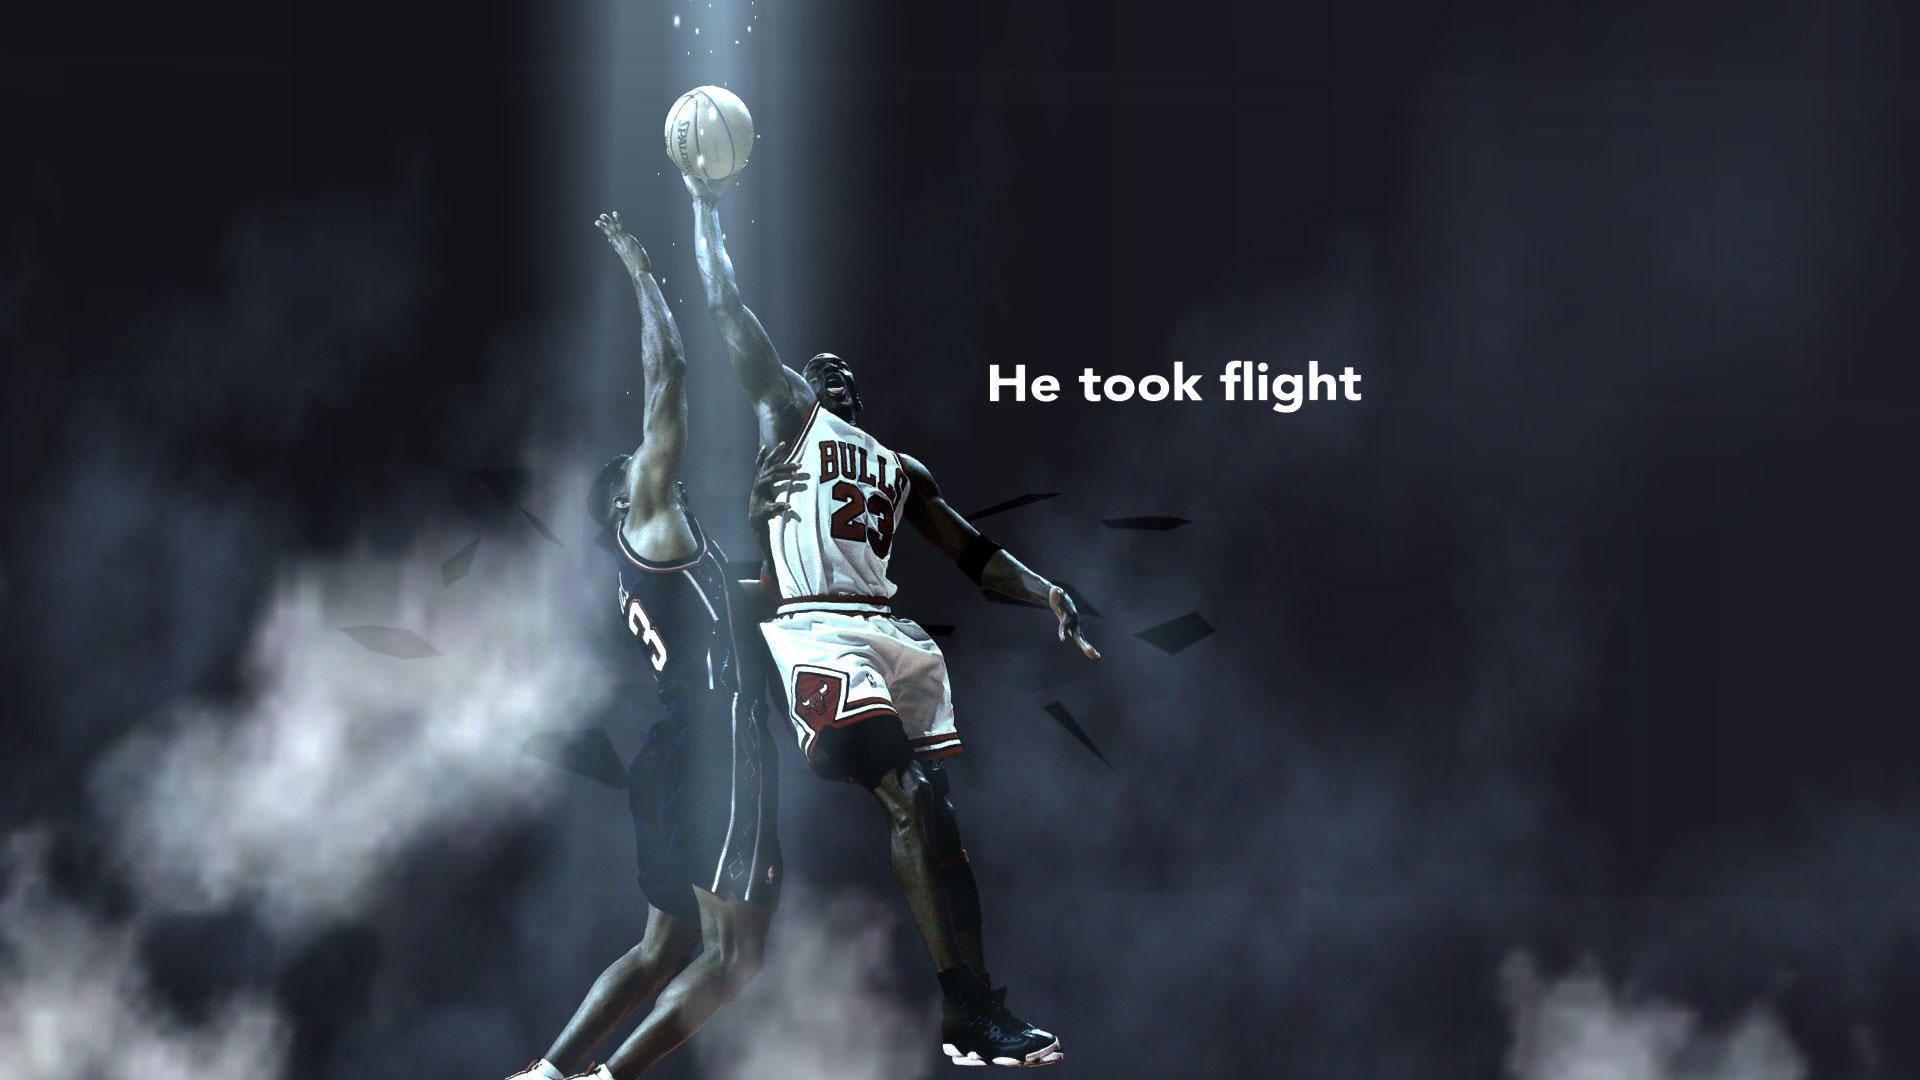 Michael Jordan Playoffs 98 Dunk Over Gill Widescreen Wallpaper